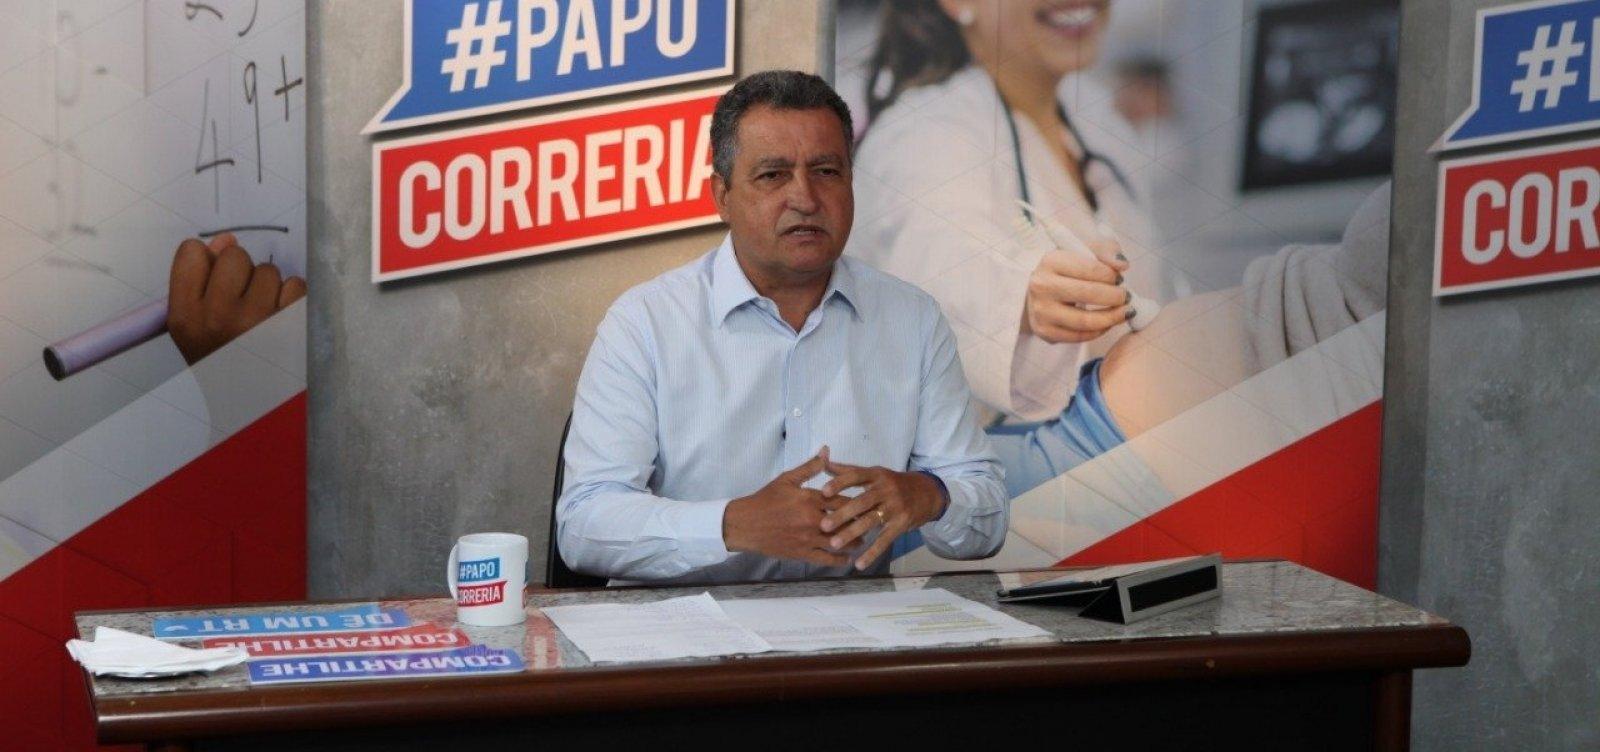 Estado da Bahia vai processar 10ª vítima de coronavírus que ...